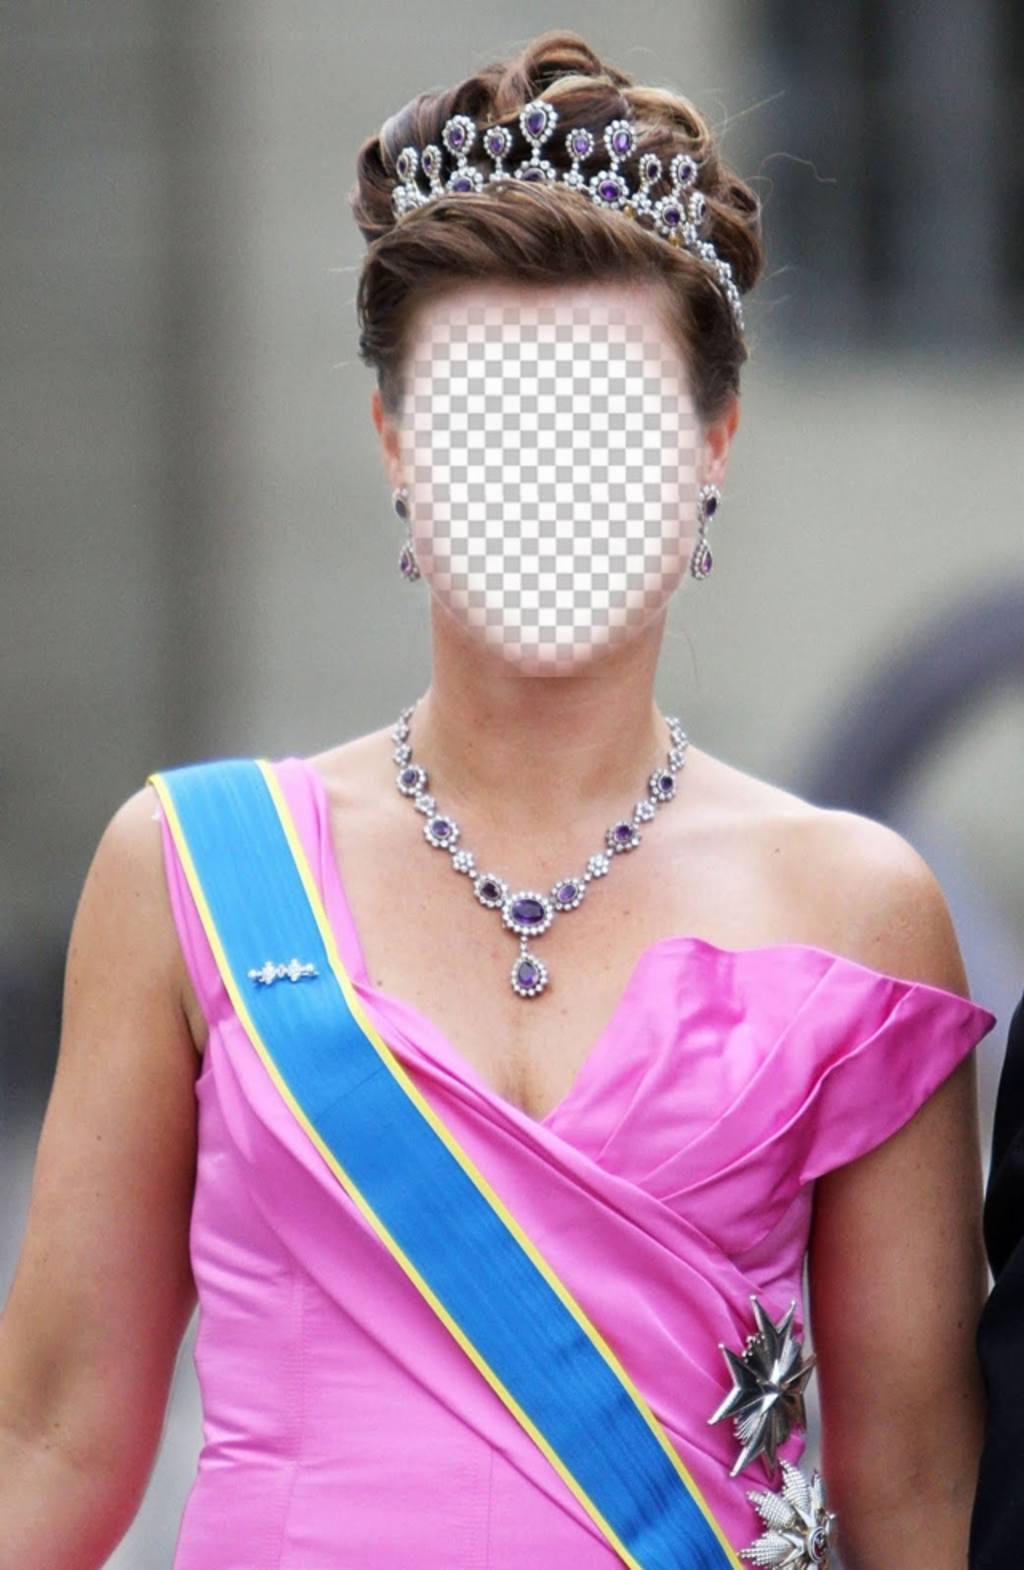 Photomontage dune princesse avec la couronne et vêtu de gala pour mettre votre